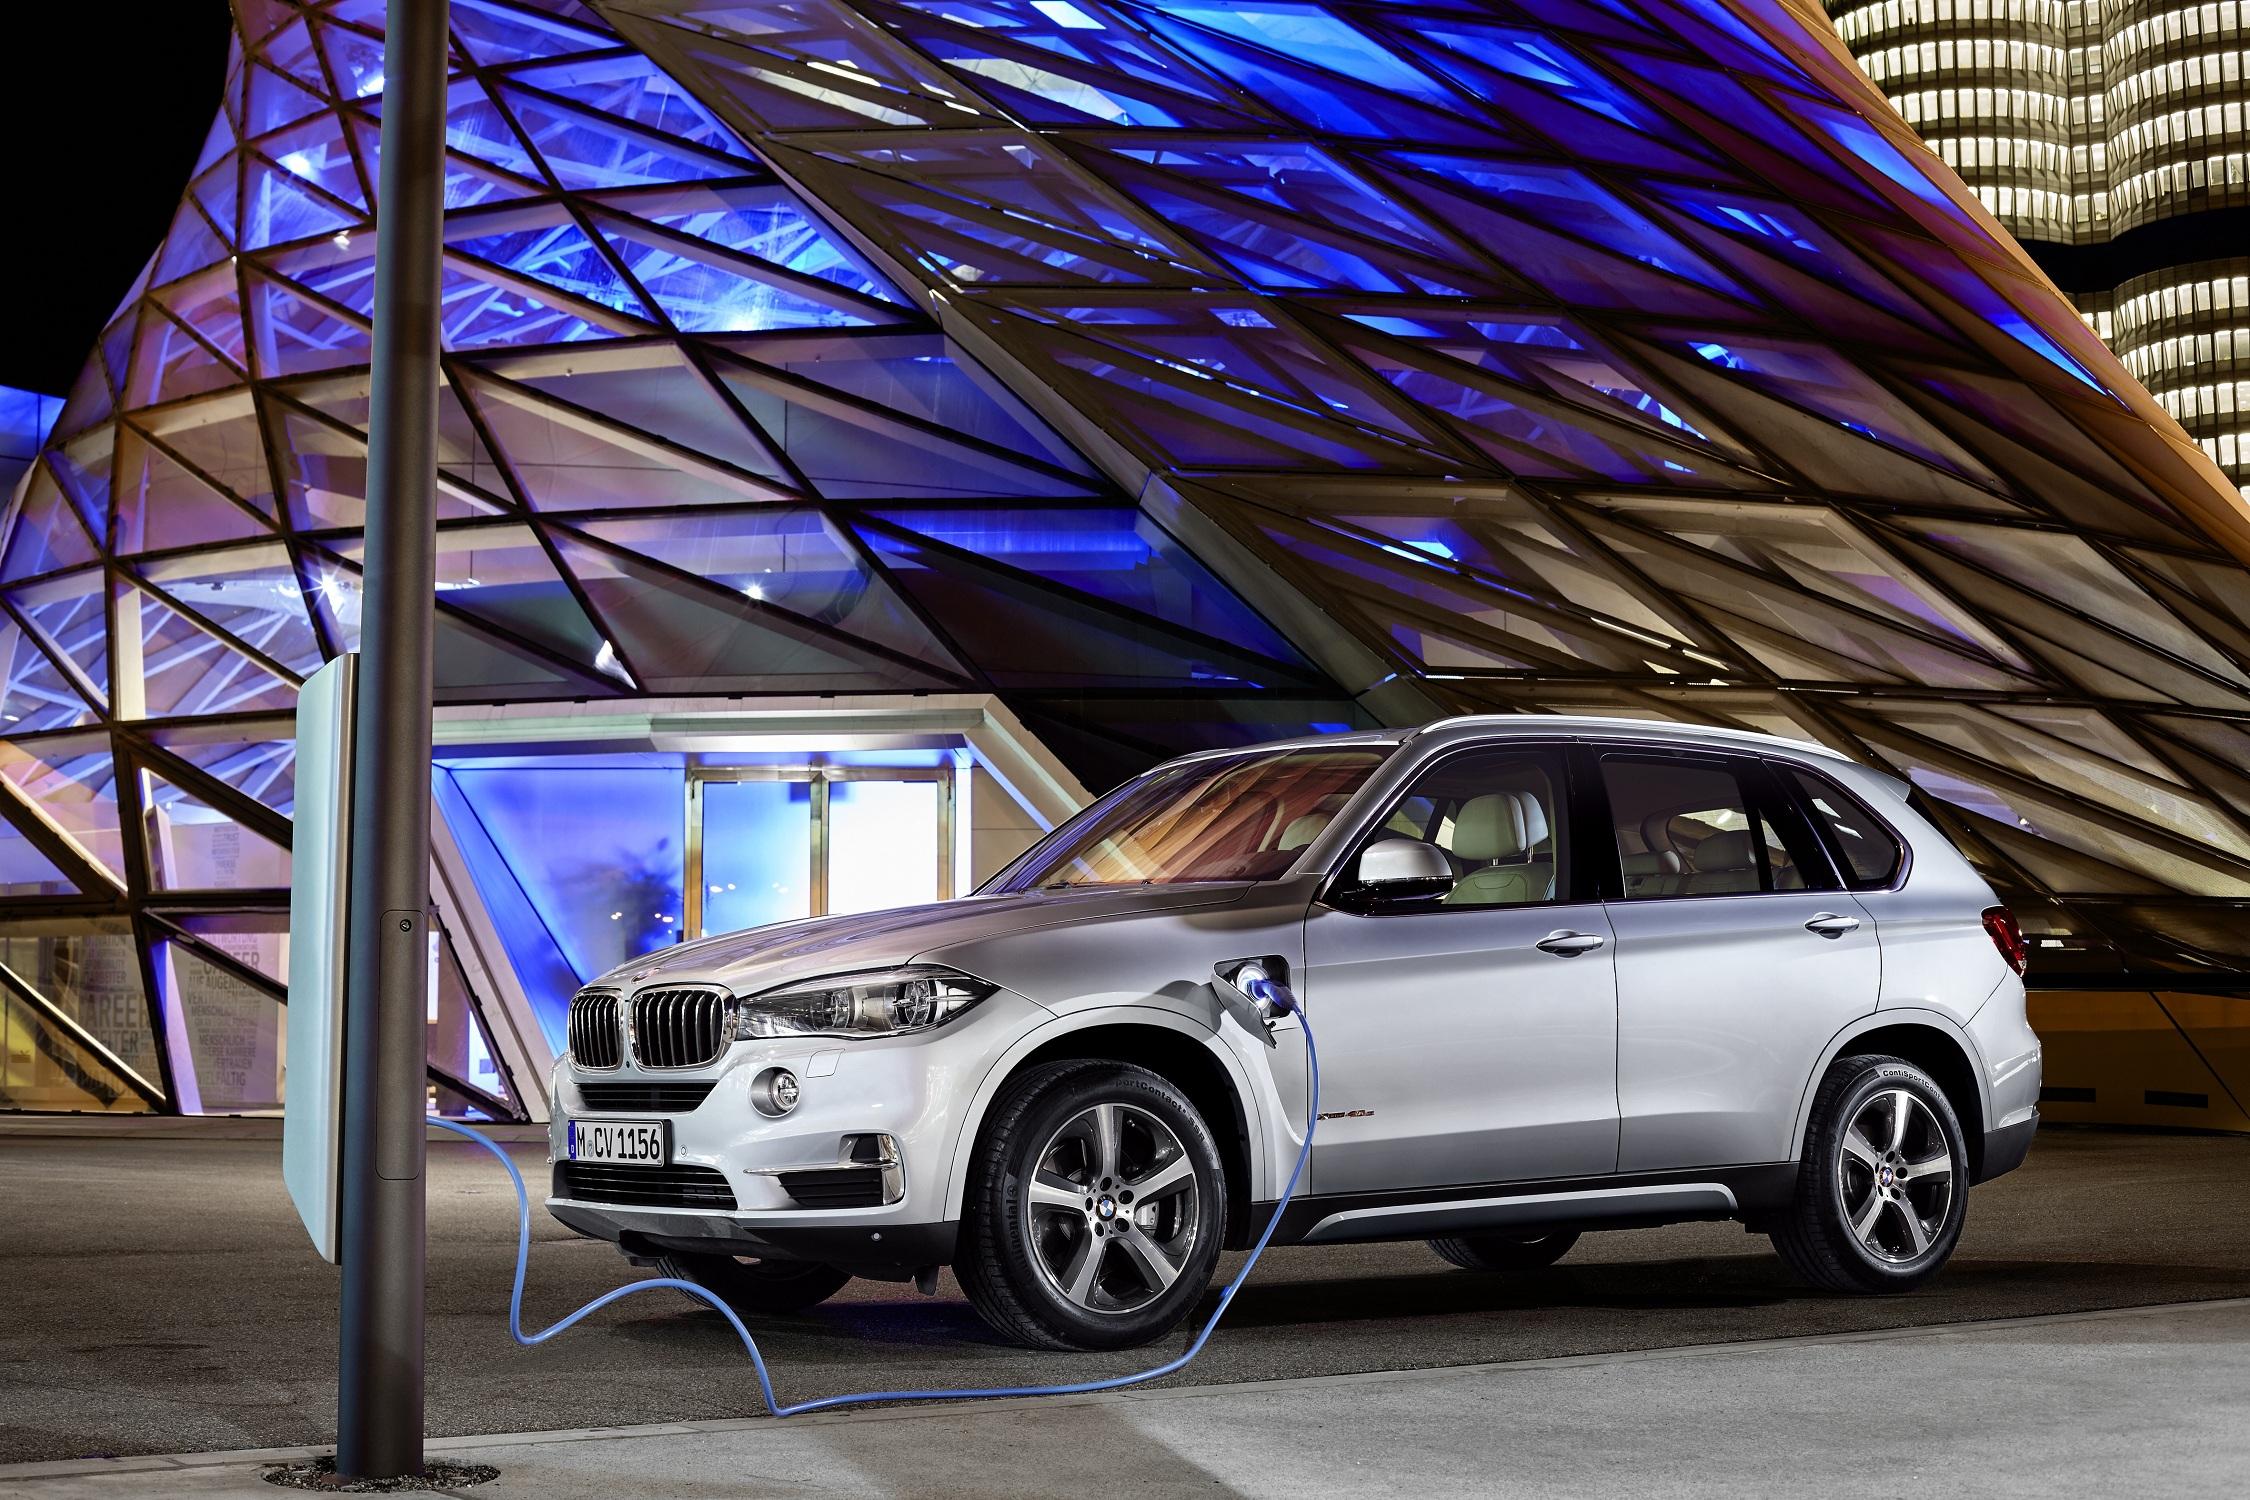 The BMW X5 xDrive40e